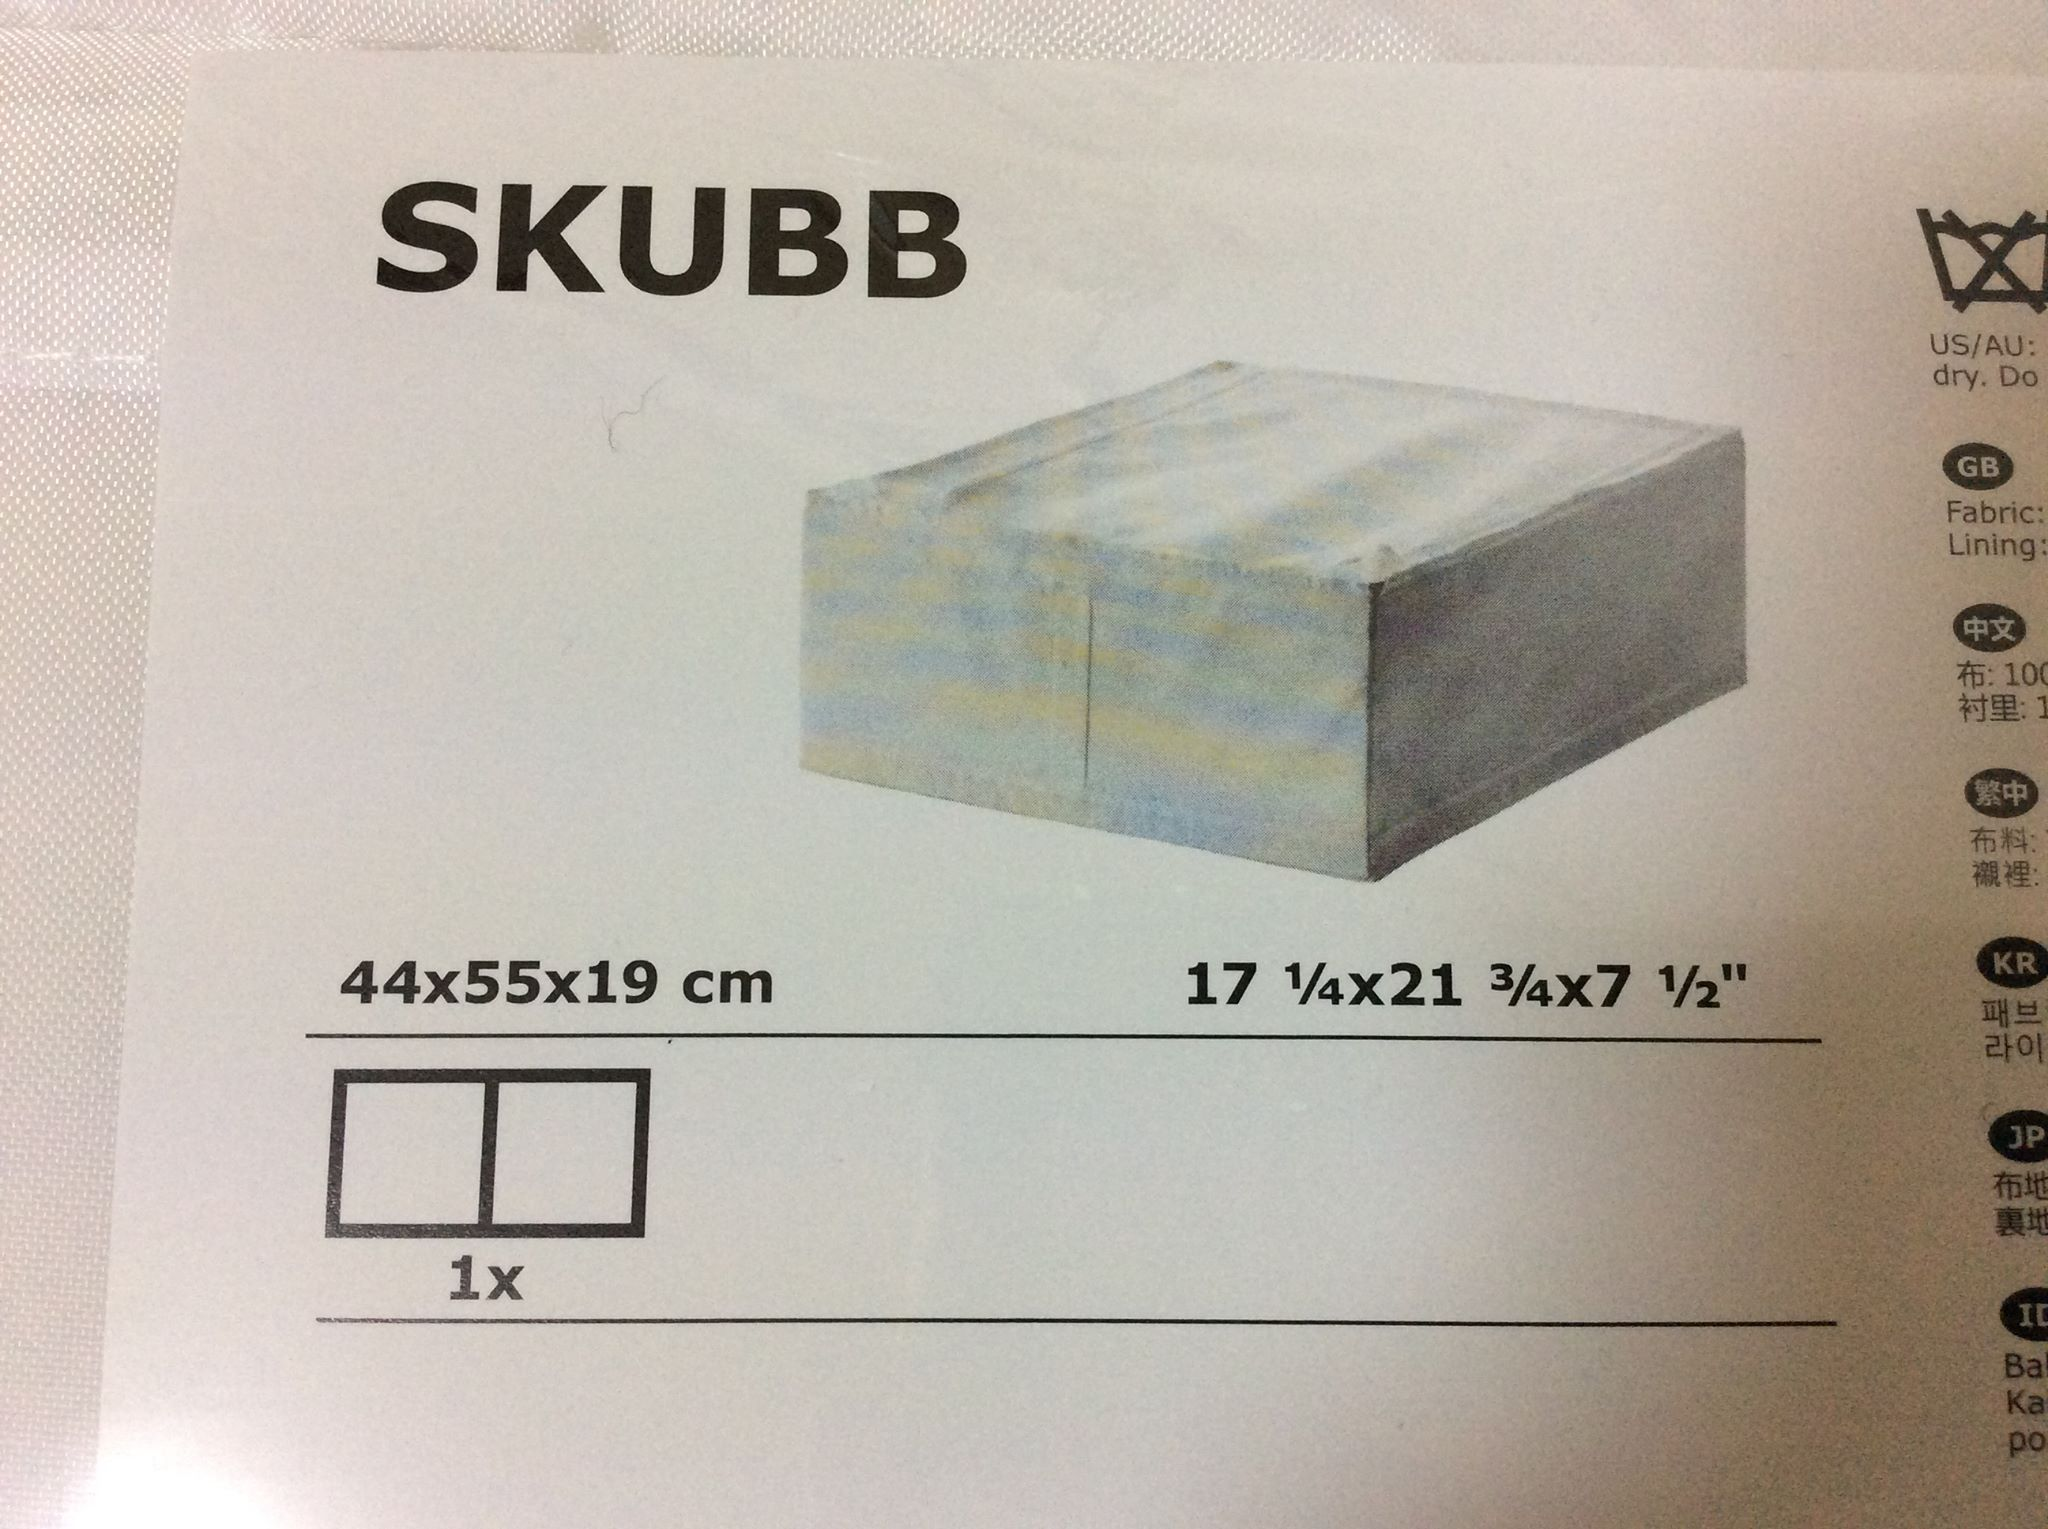 IKEAスクッブ